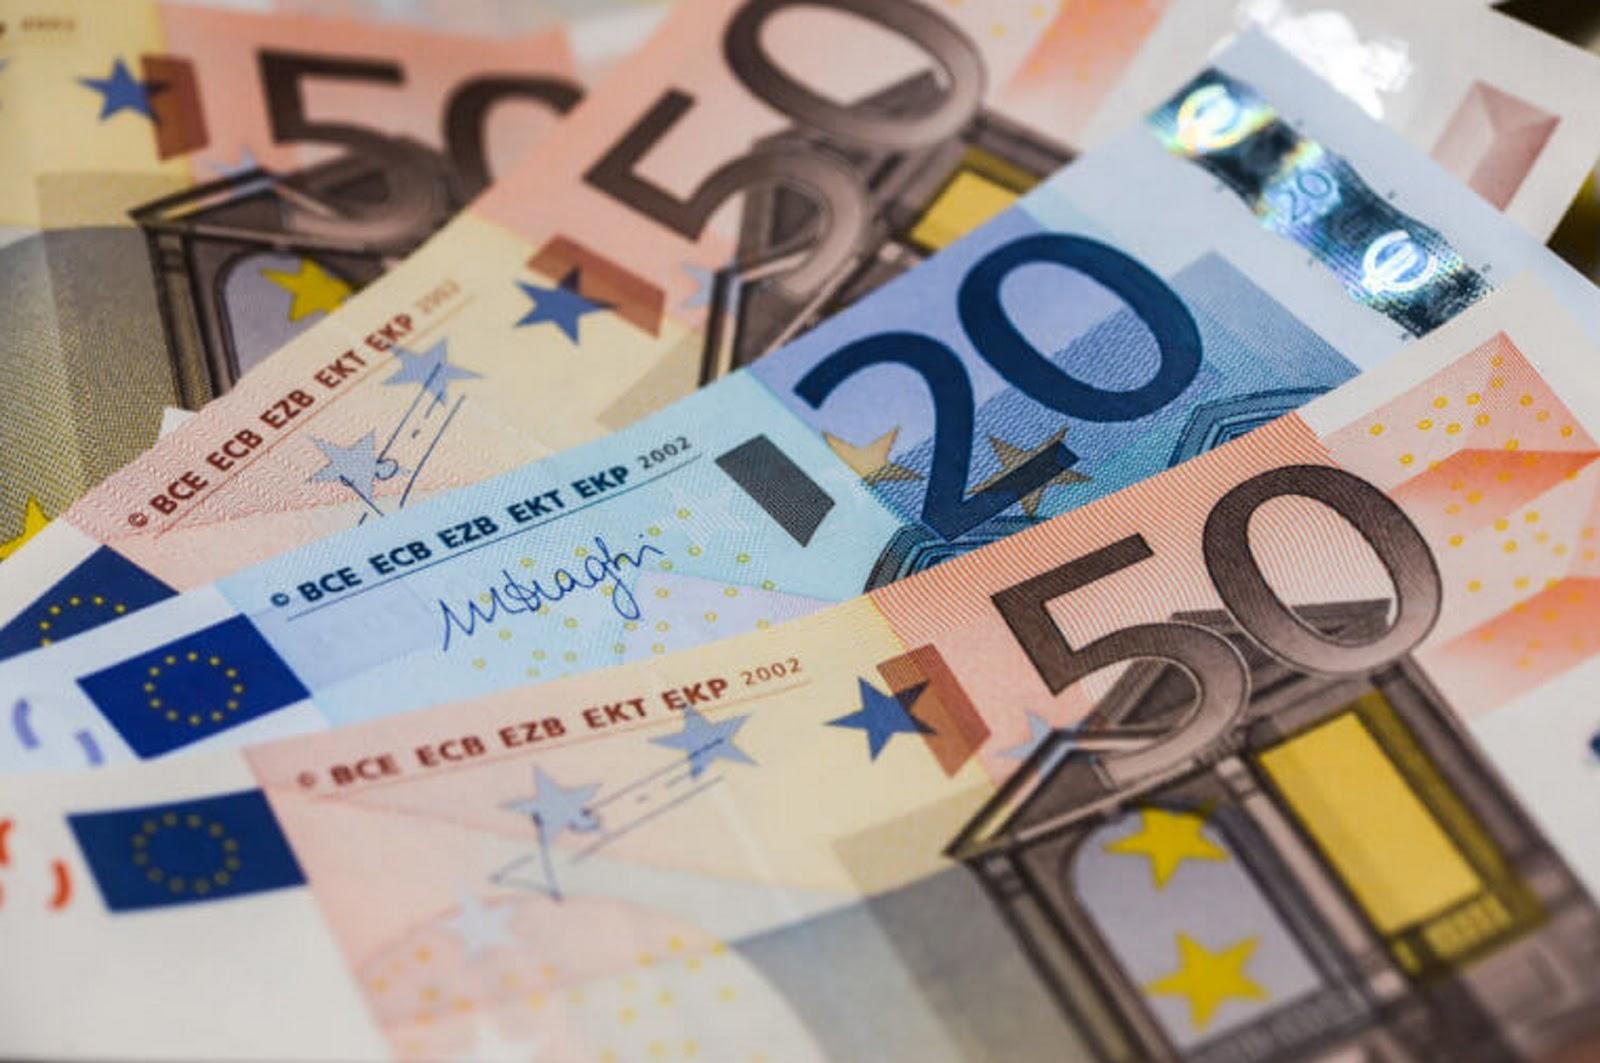 ΟΑΕΔ: Από σήμερα 27/04 τα 400 ευρώ σε μακροχρόνια ανέργους